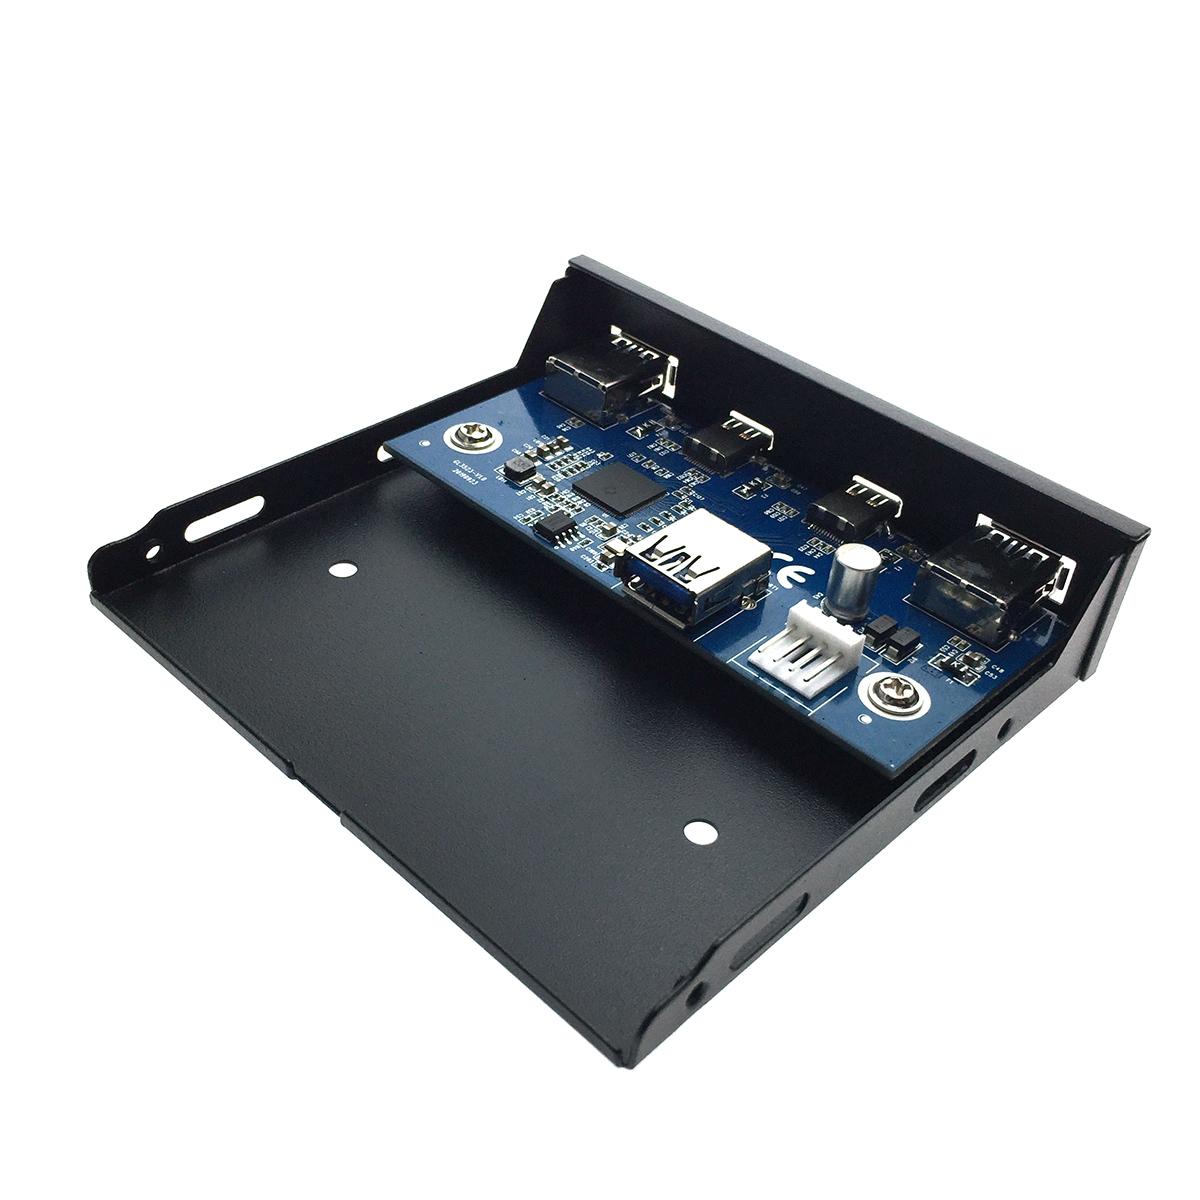 Планка на переднюю панель 2 порта USB 3.1 type C и 2 порта USB 3.0, Efr2usbC&3.0 Espada